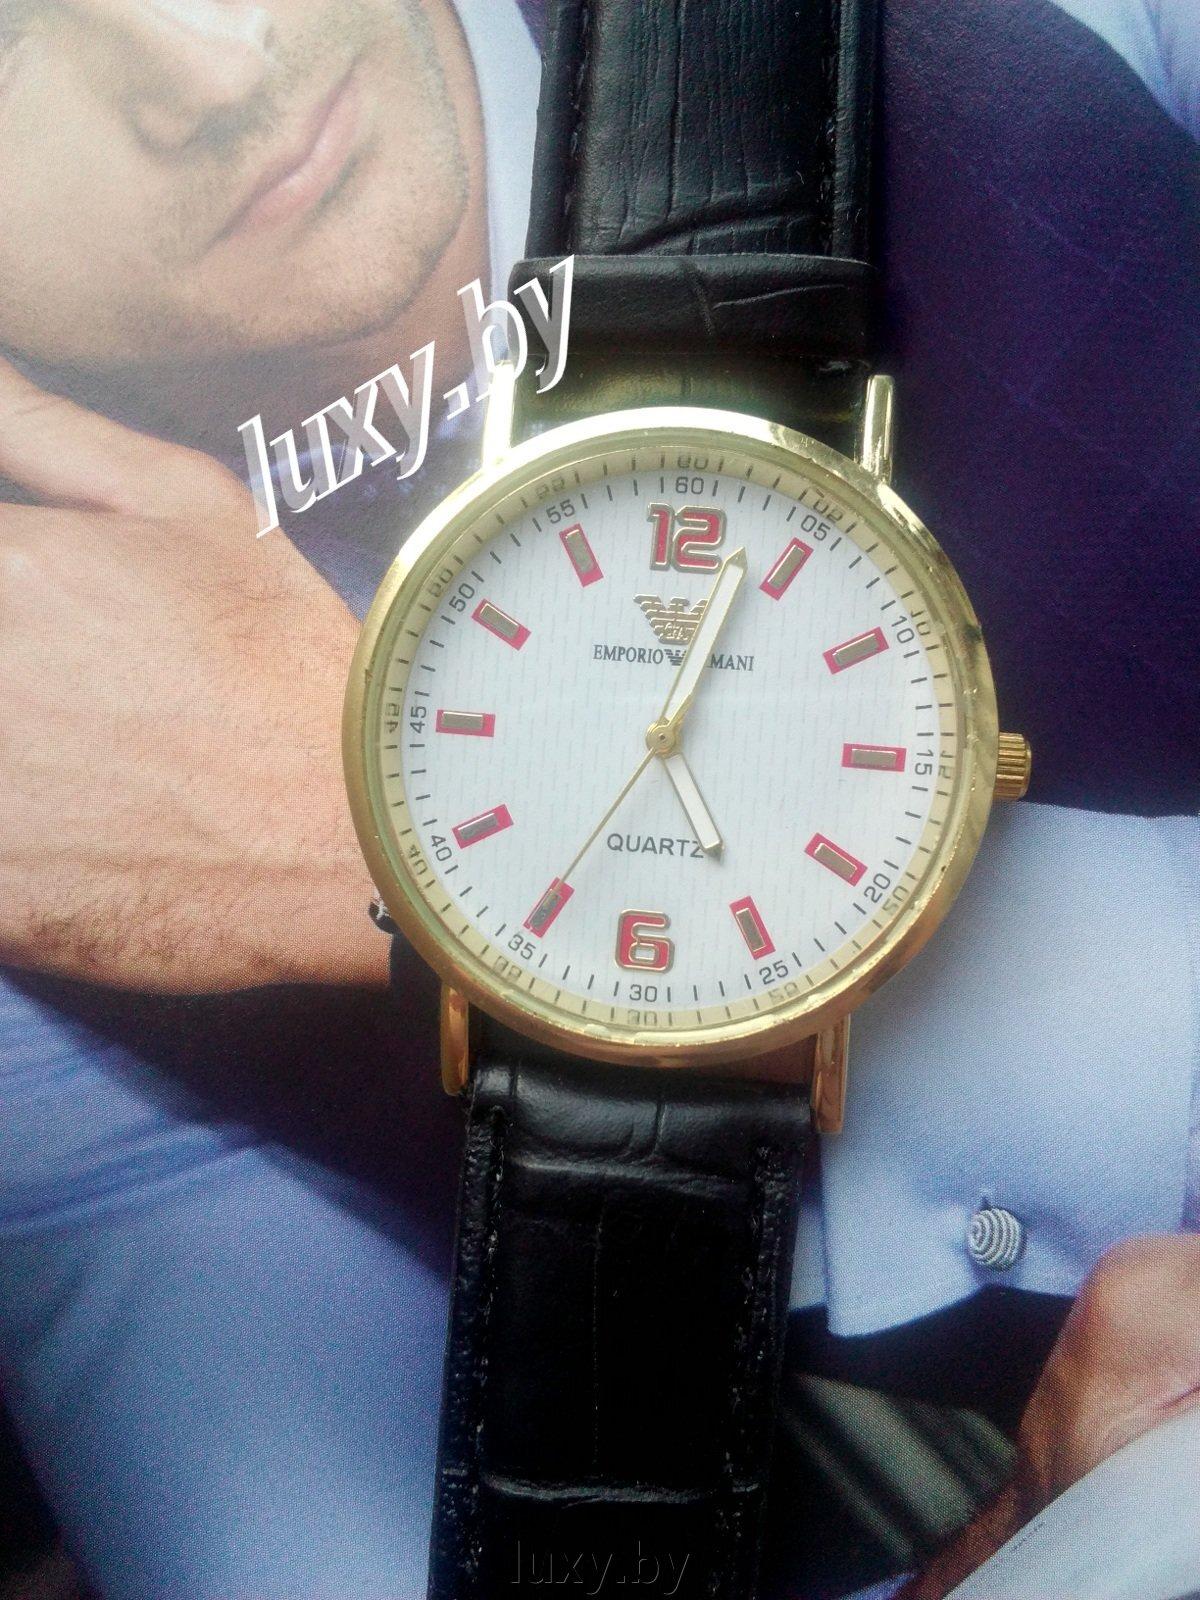 Часы наручные Emporia armani, ремешок черный, арт. Н-23 - фото pic_9fcbd138223b194_1920x9000_1.jpg